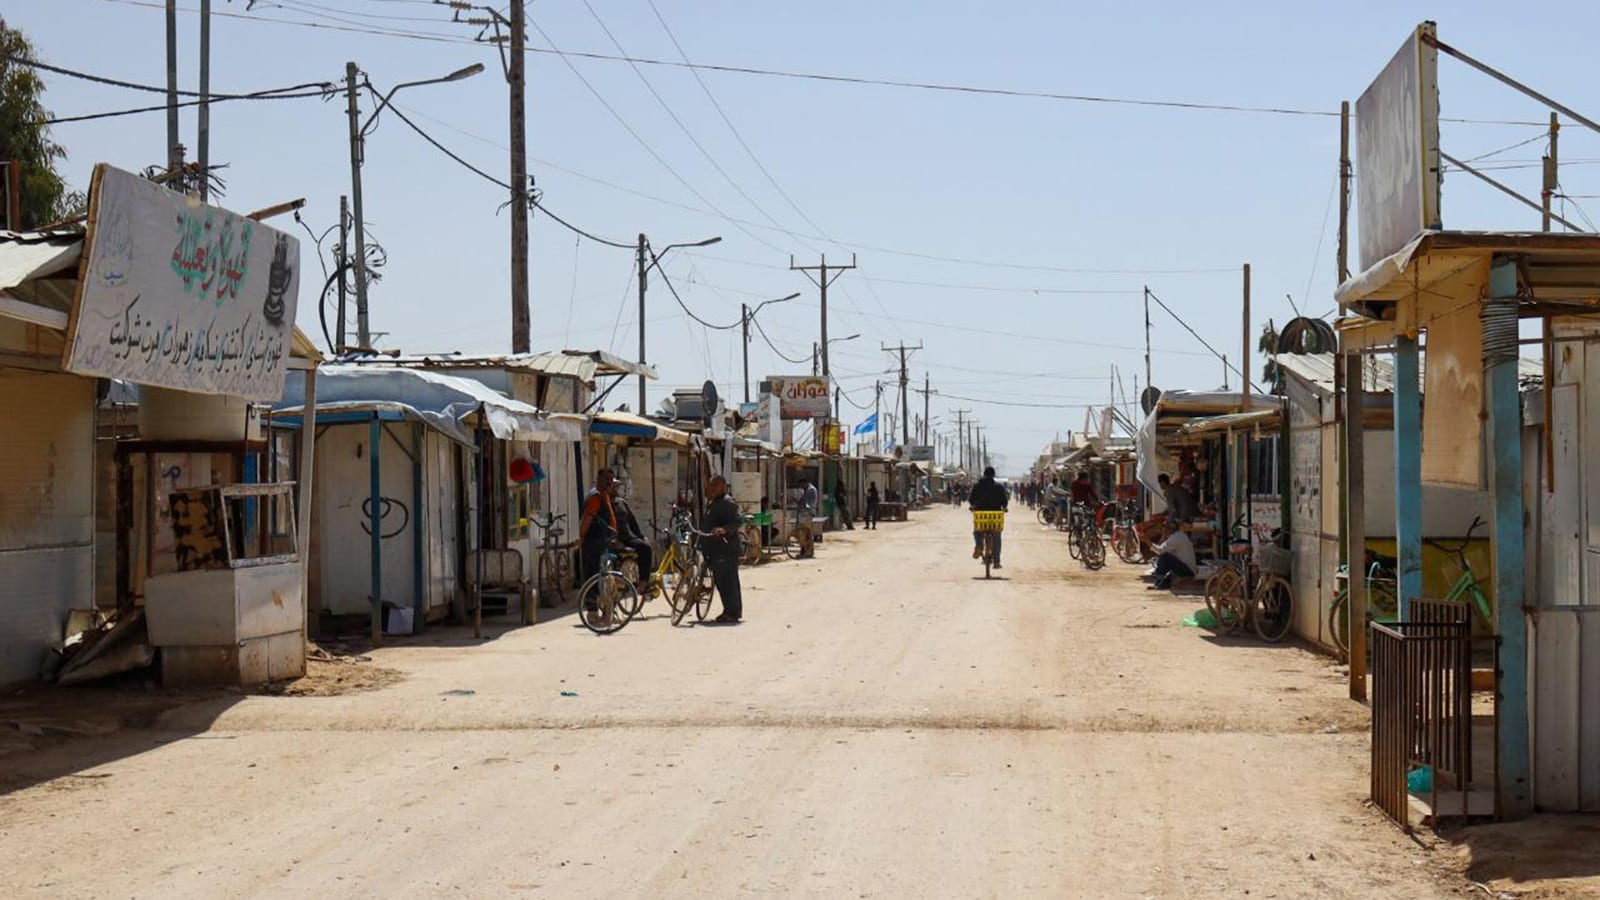 السوريون في الأردن: لا حلول للعودة والفقر يدفعهم نحو السجون